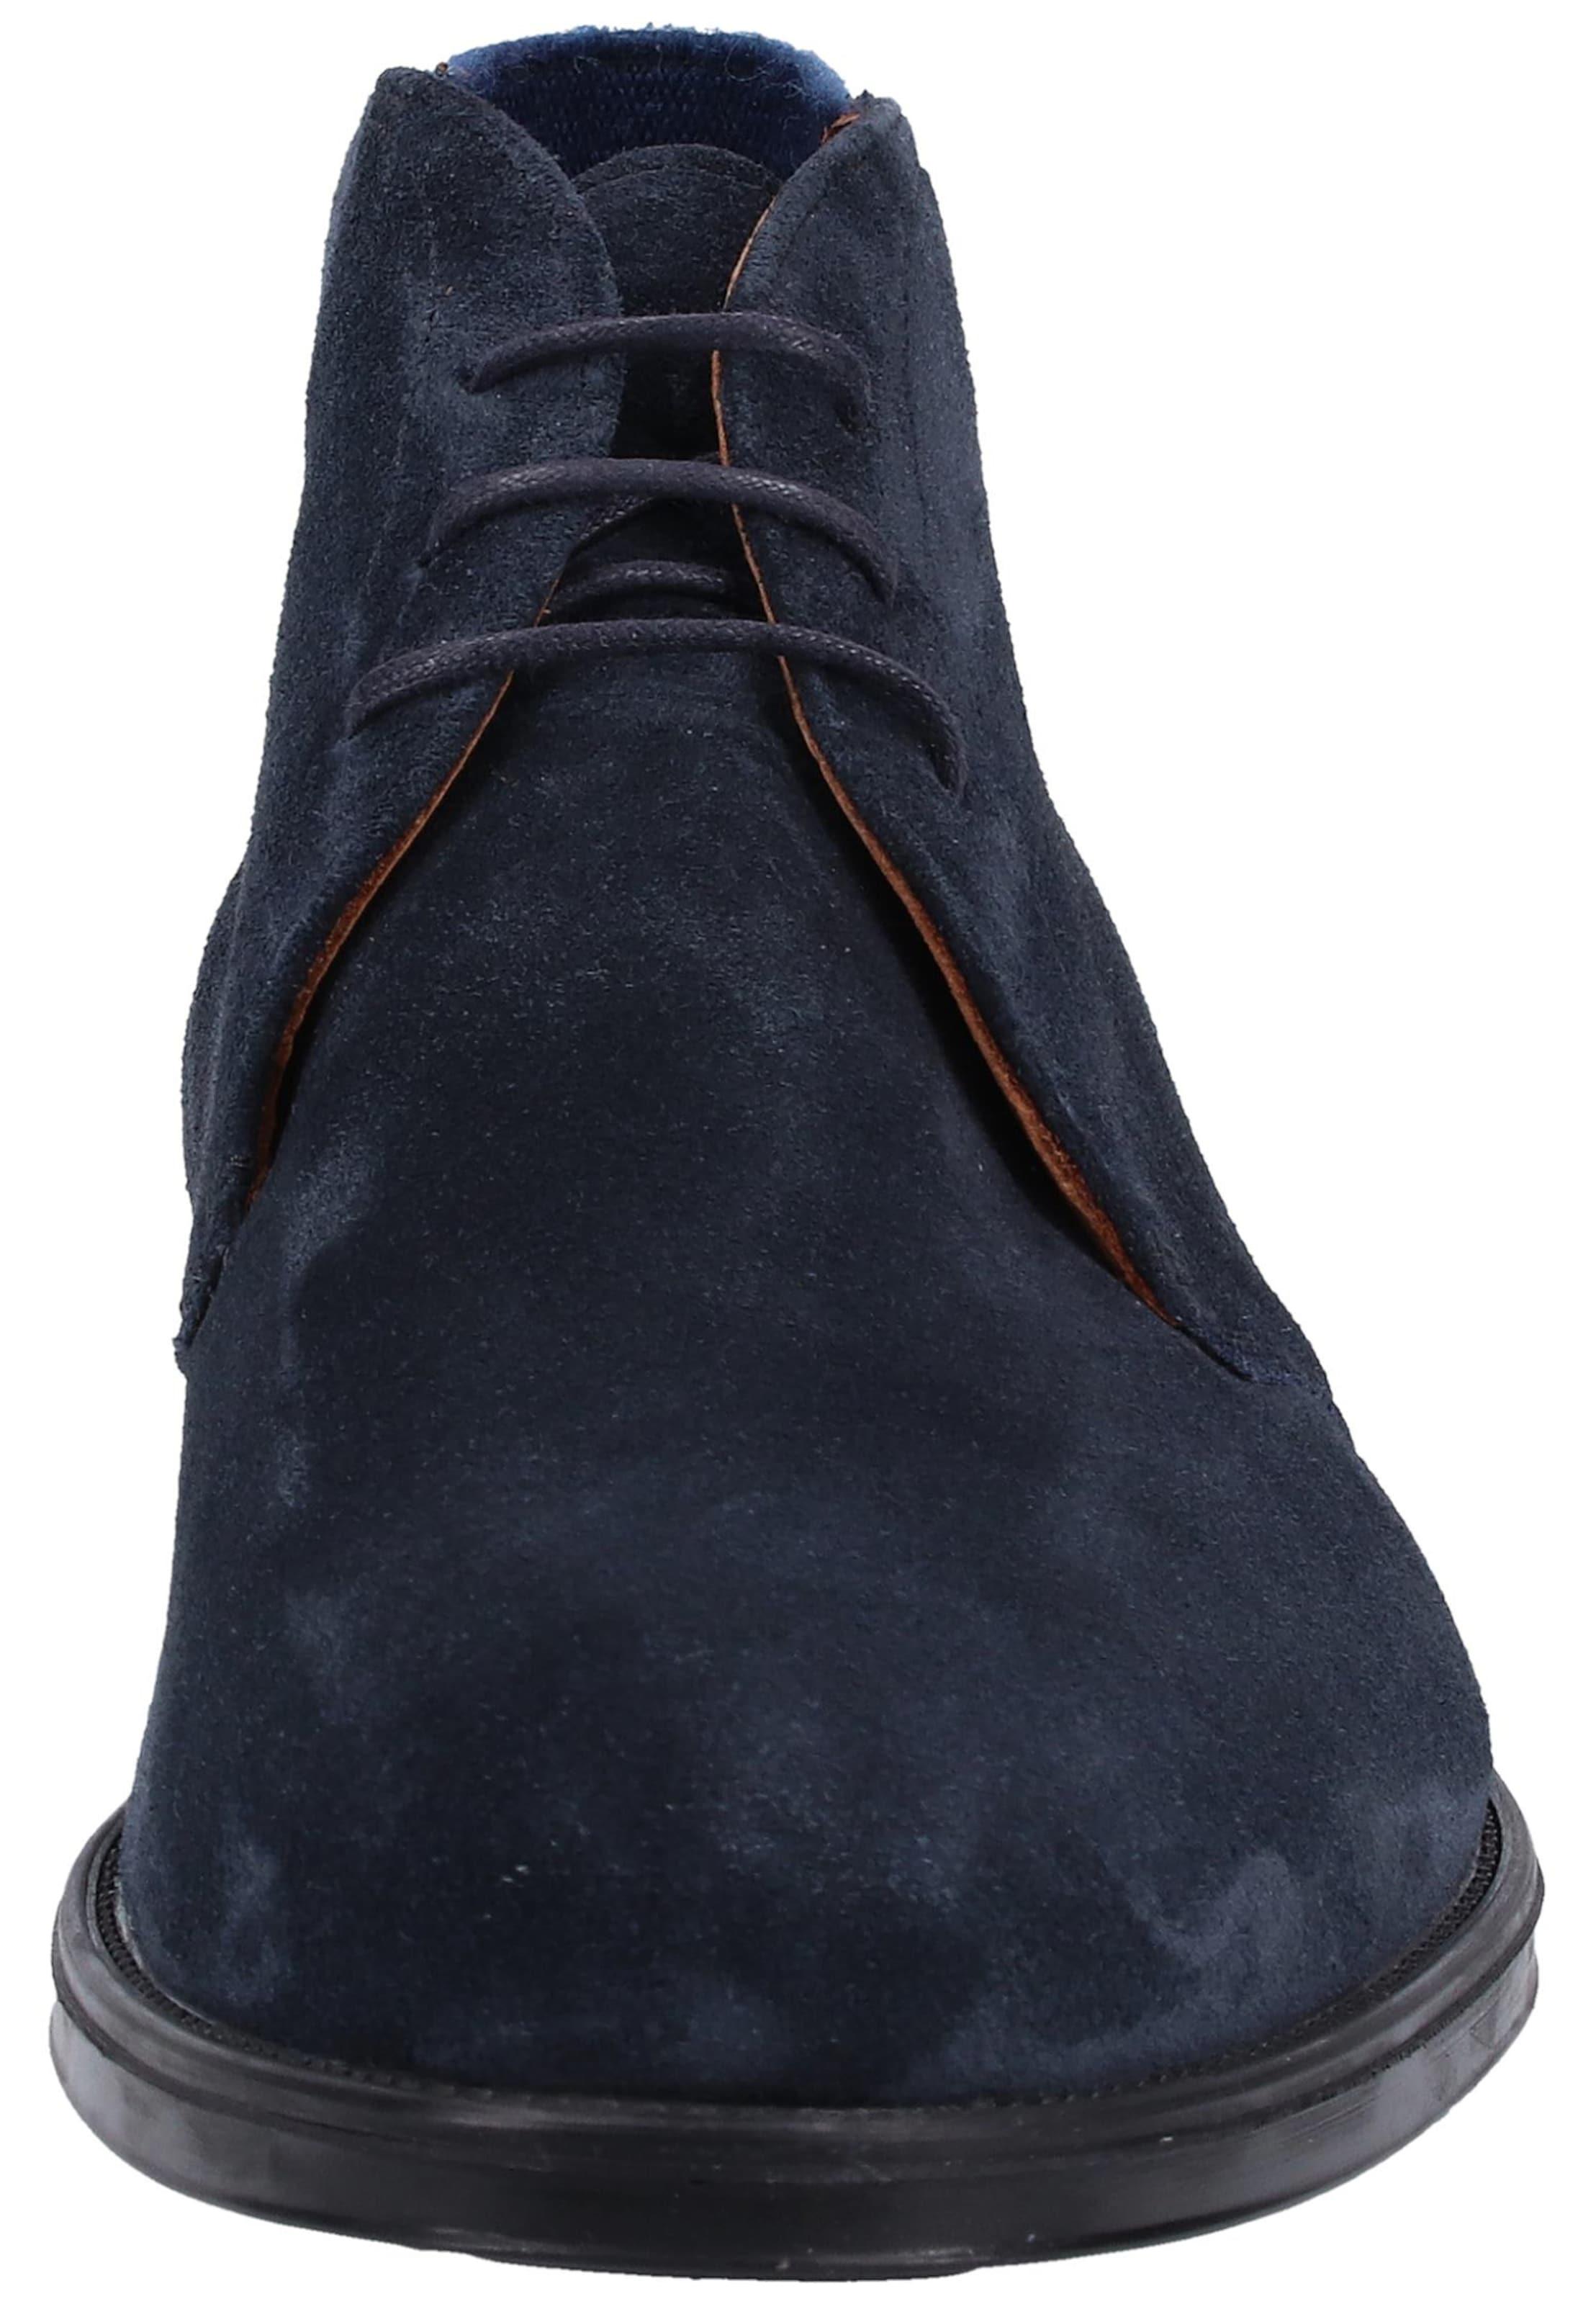 Bleu Chukka Cobalt Lloyd 'patriot' En Boots PkiuOZX